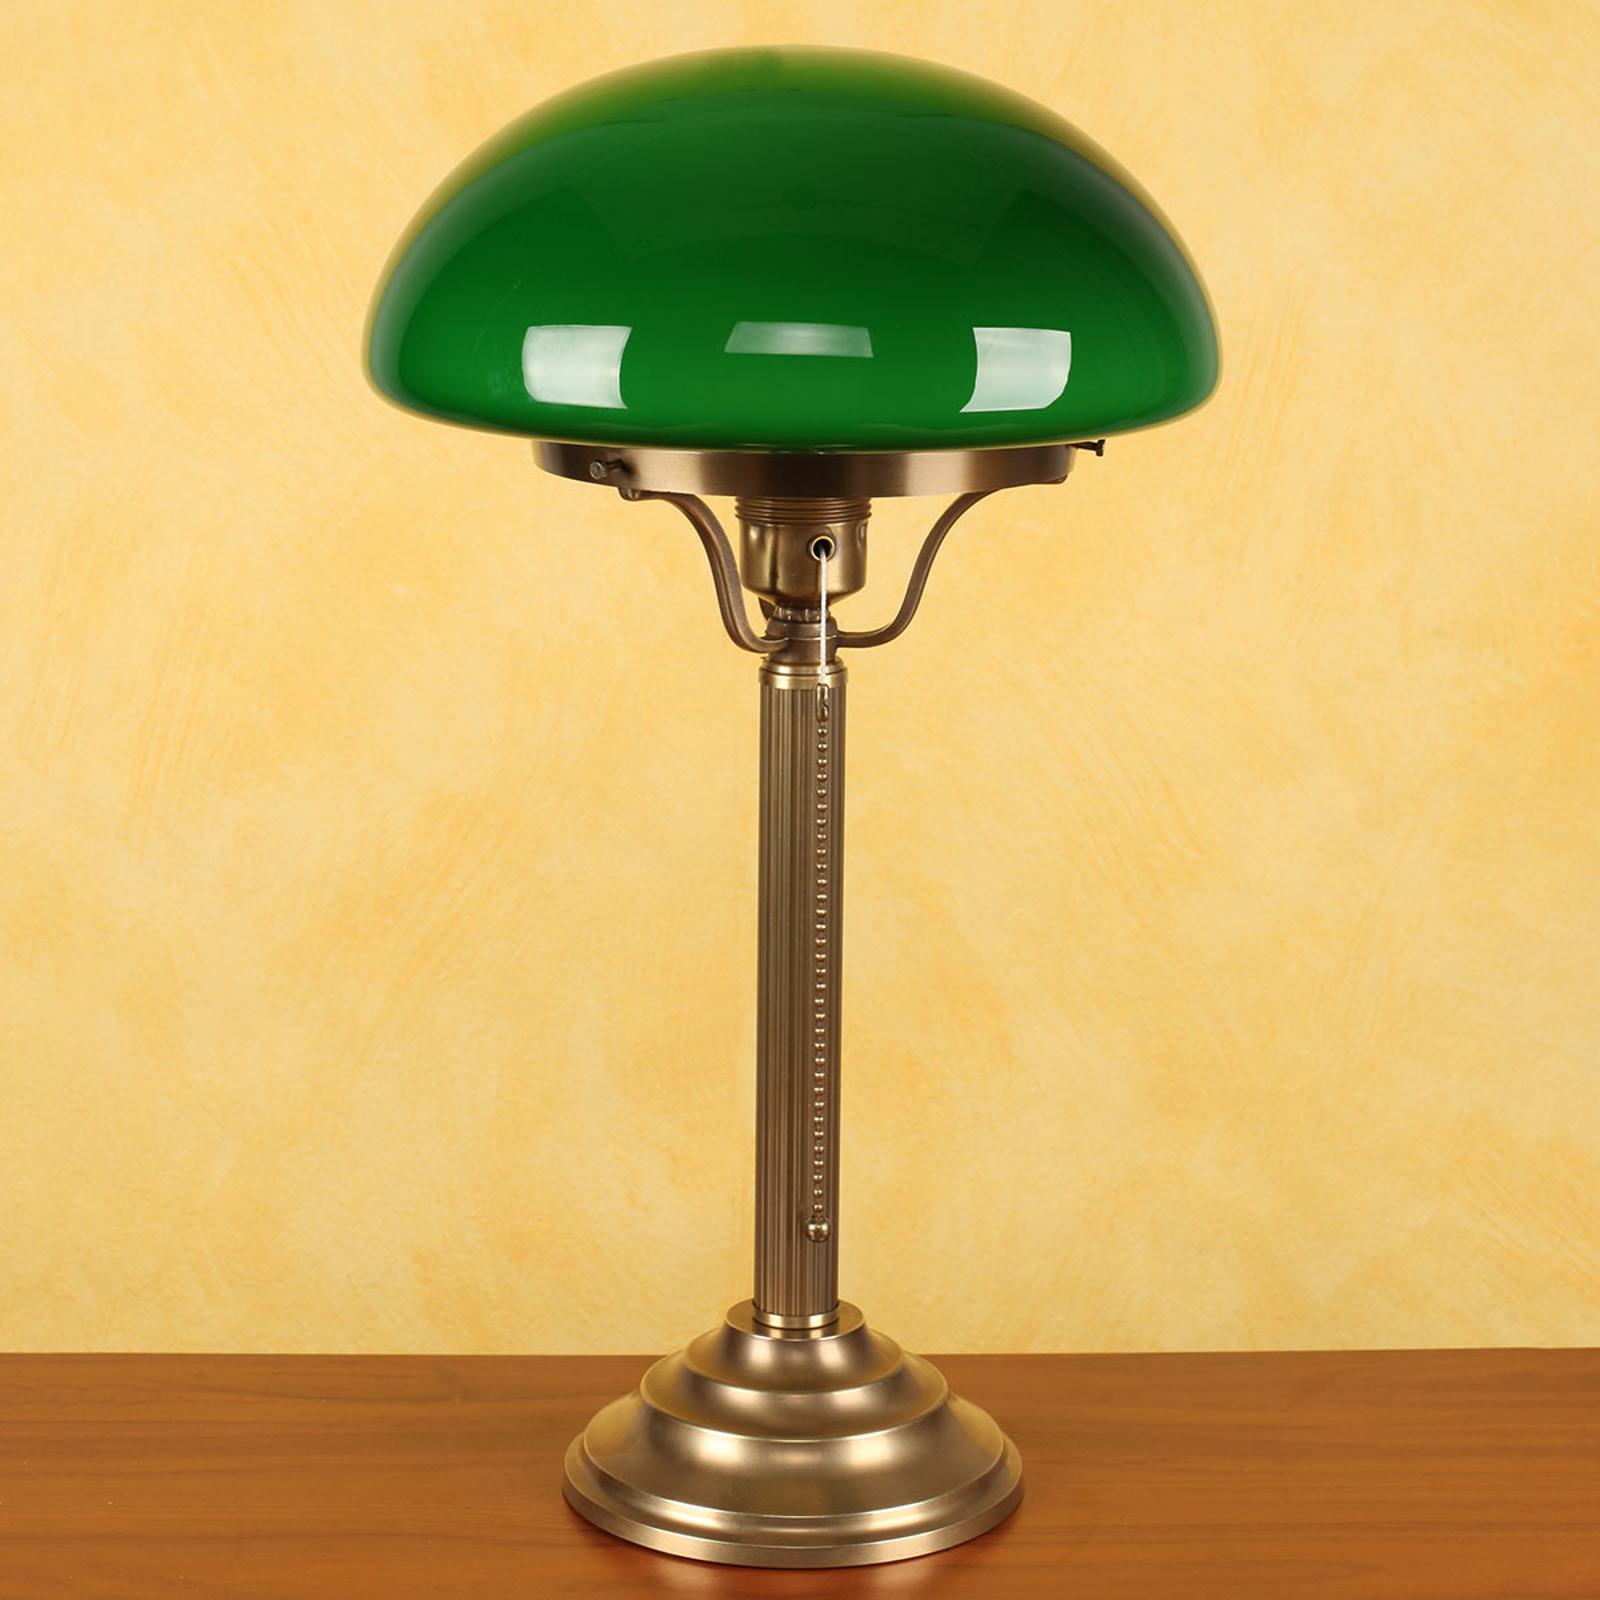 Messing-Tischleuchte Hari mit grünem Schirm